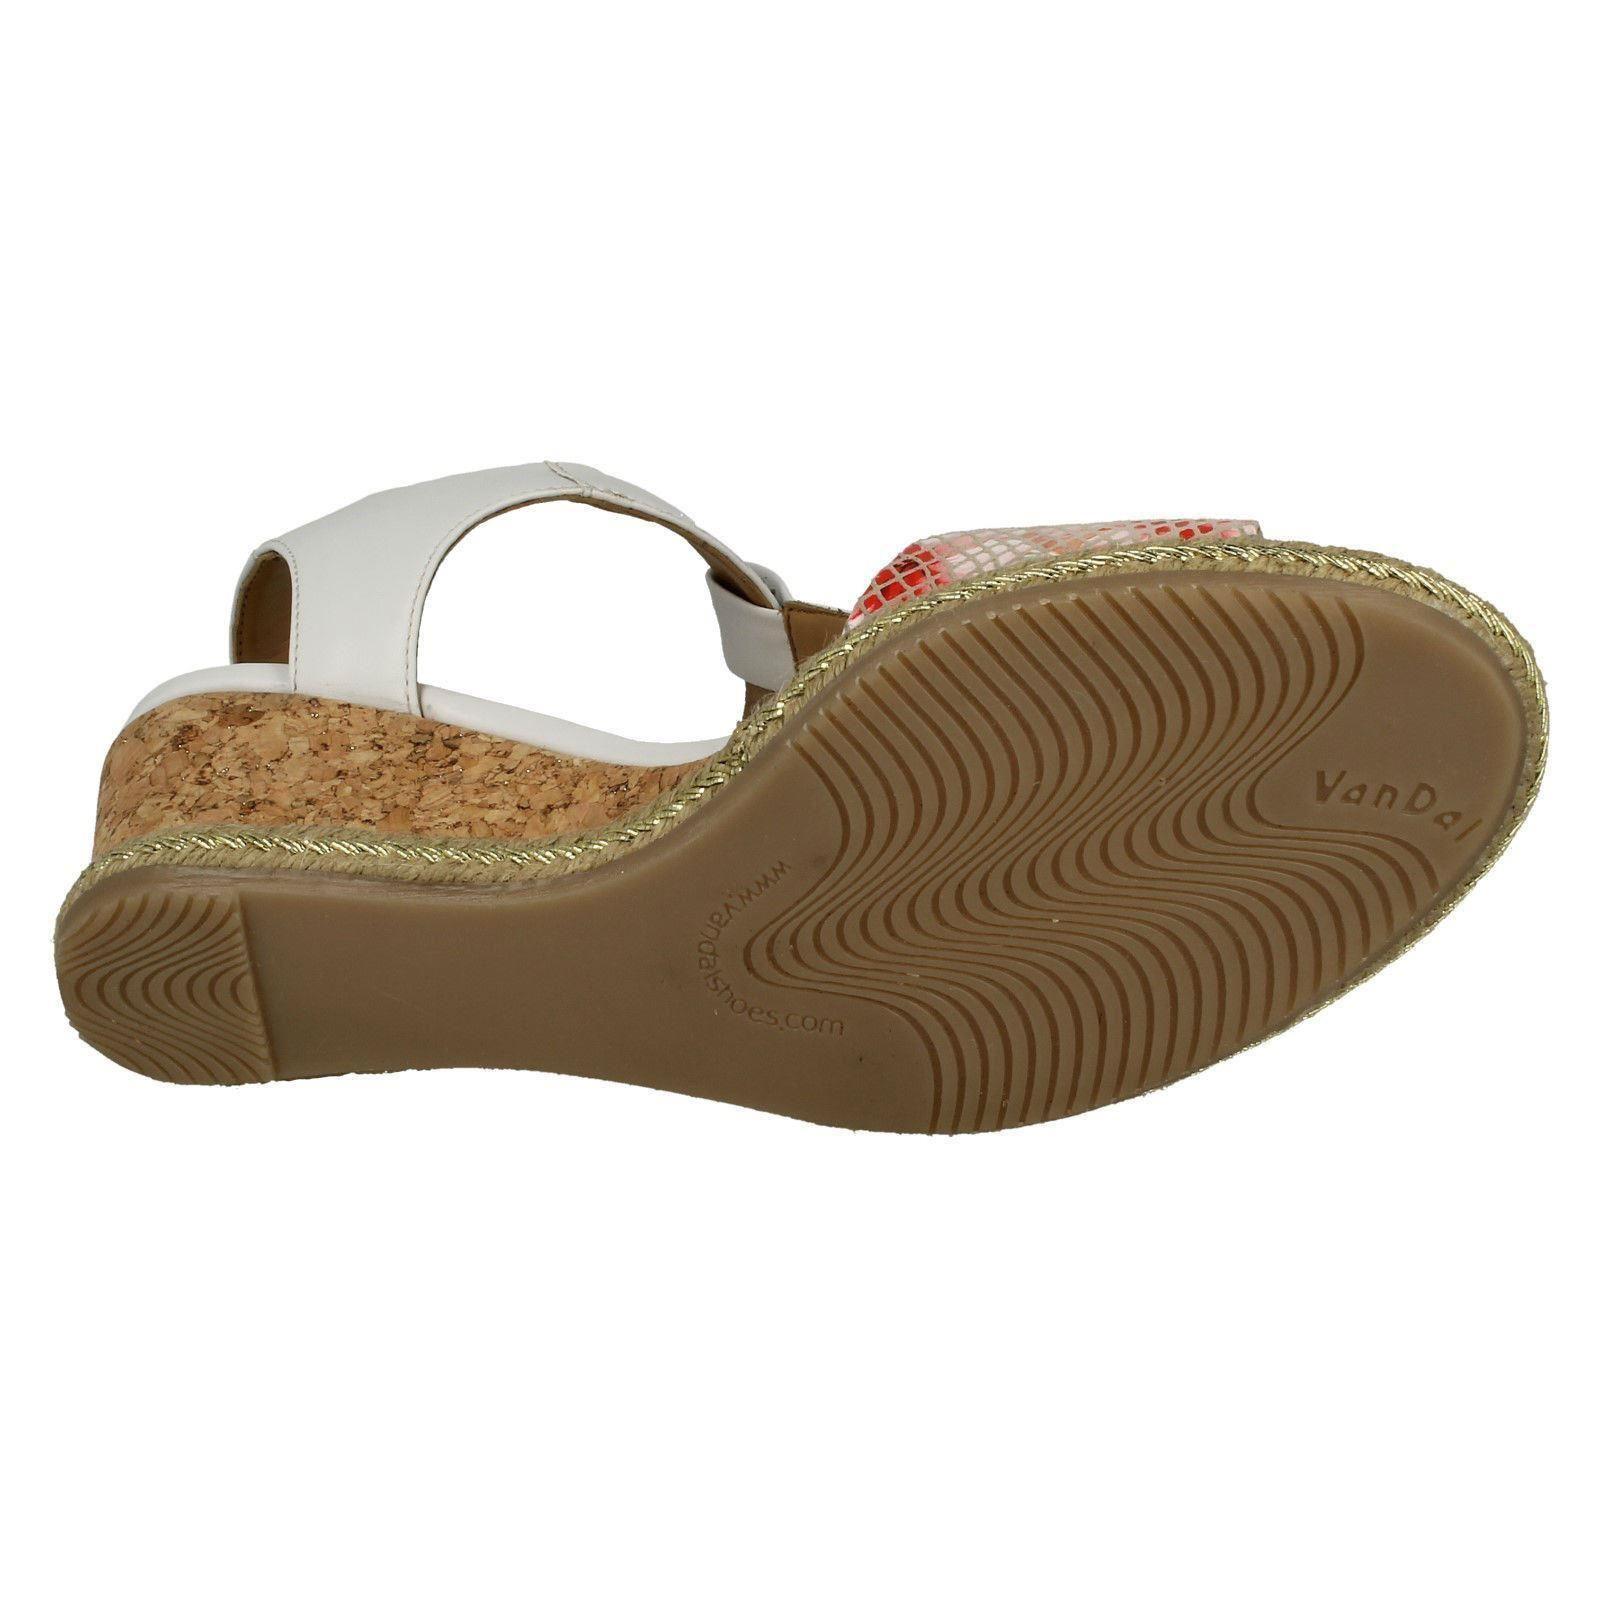 Ladies-Van-Dal-Wedged-Heel-Sandals-Jordan thumbnail 16